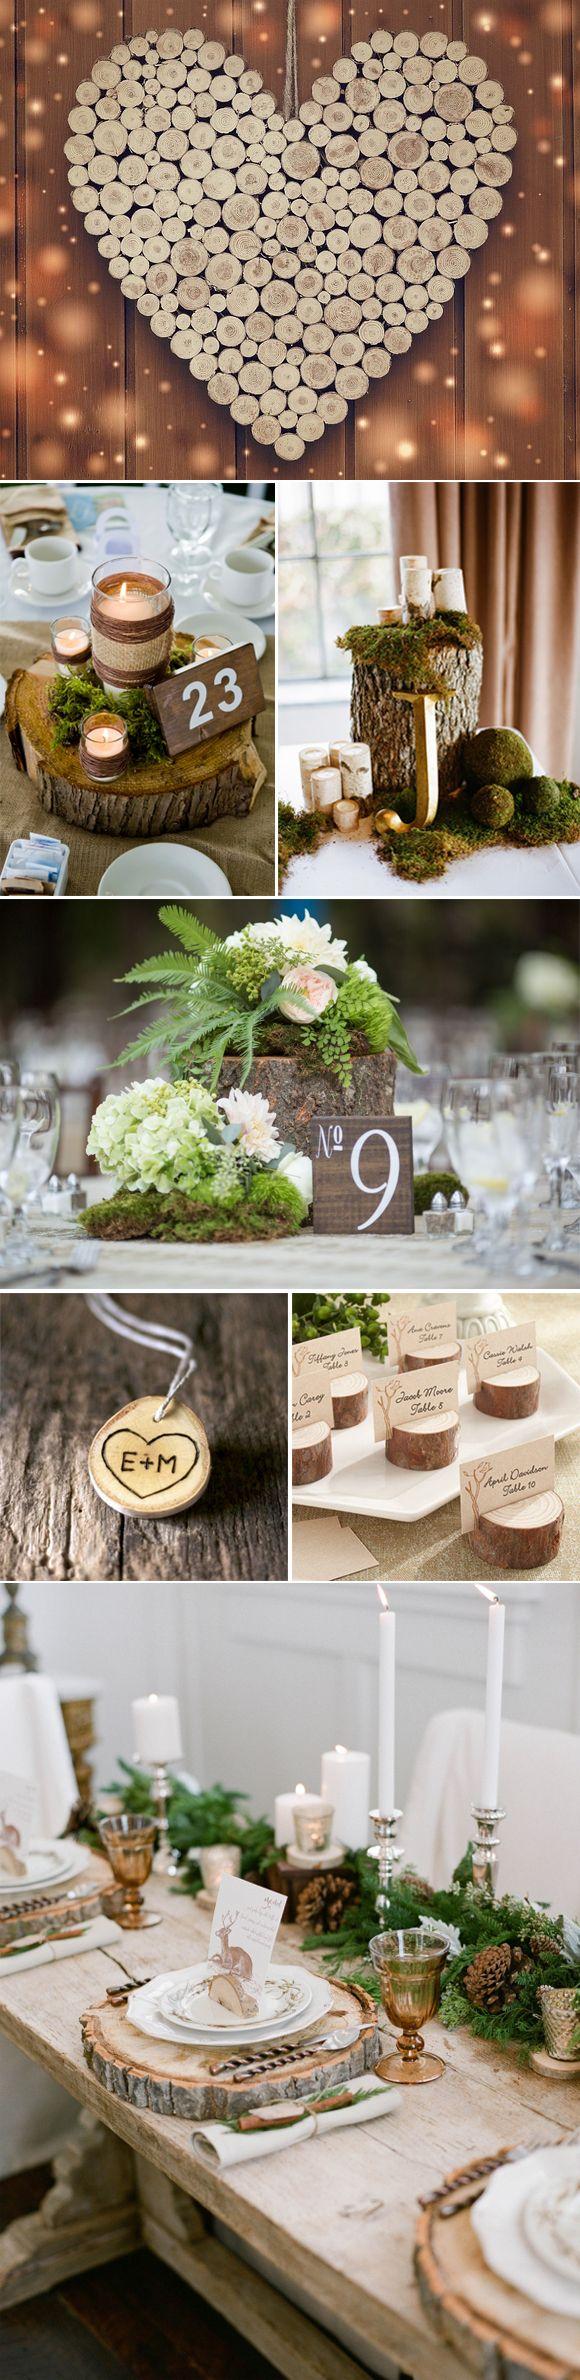 Decoracion de boda con troncos de madera